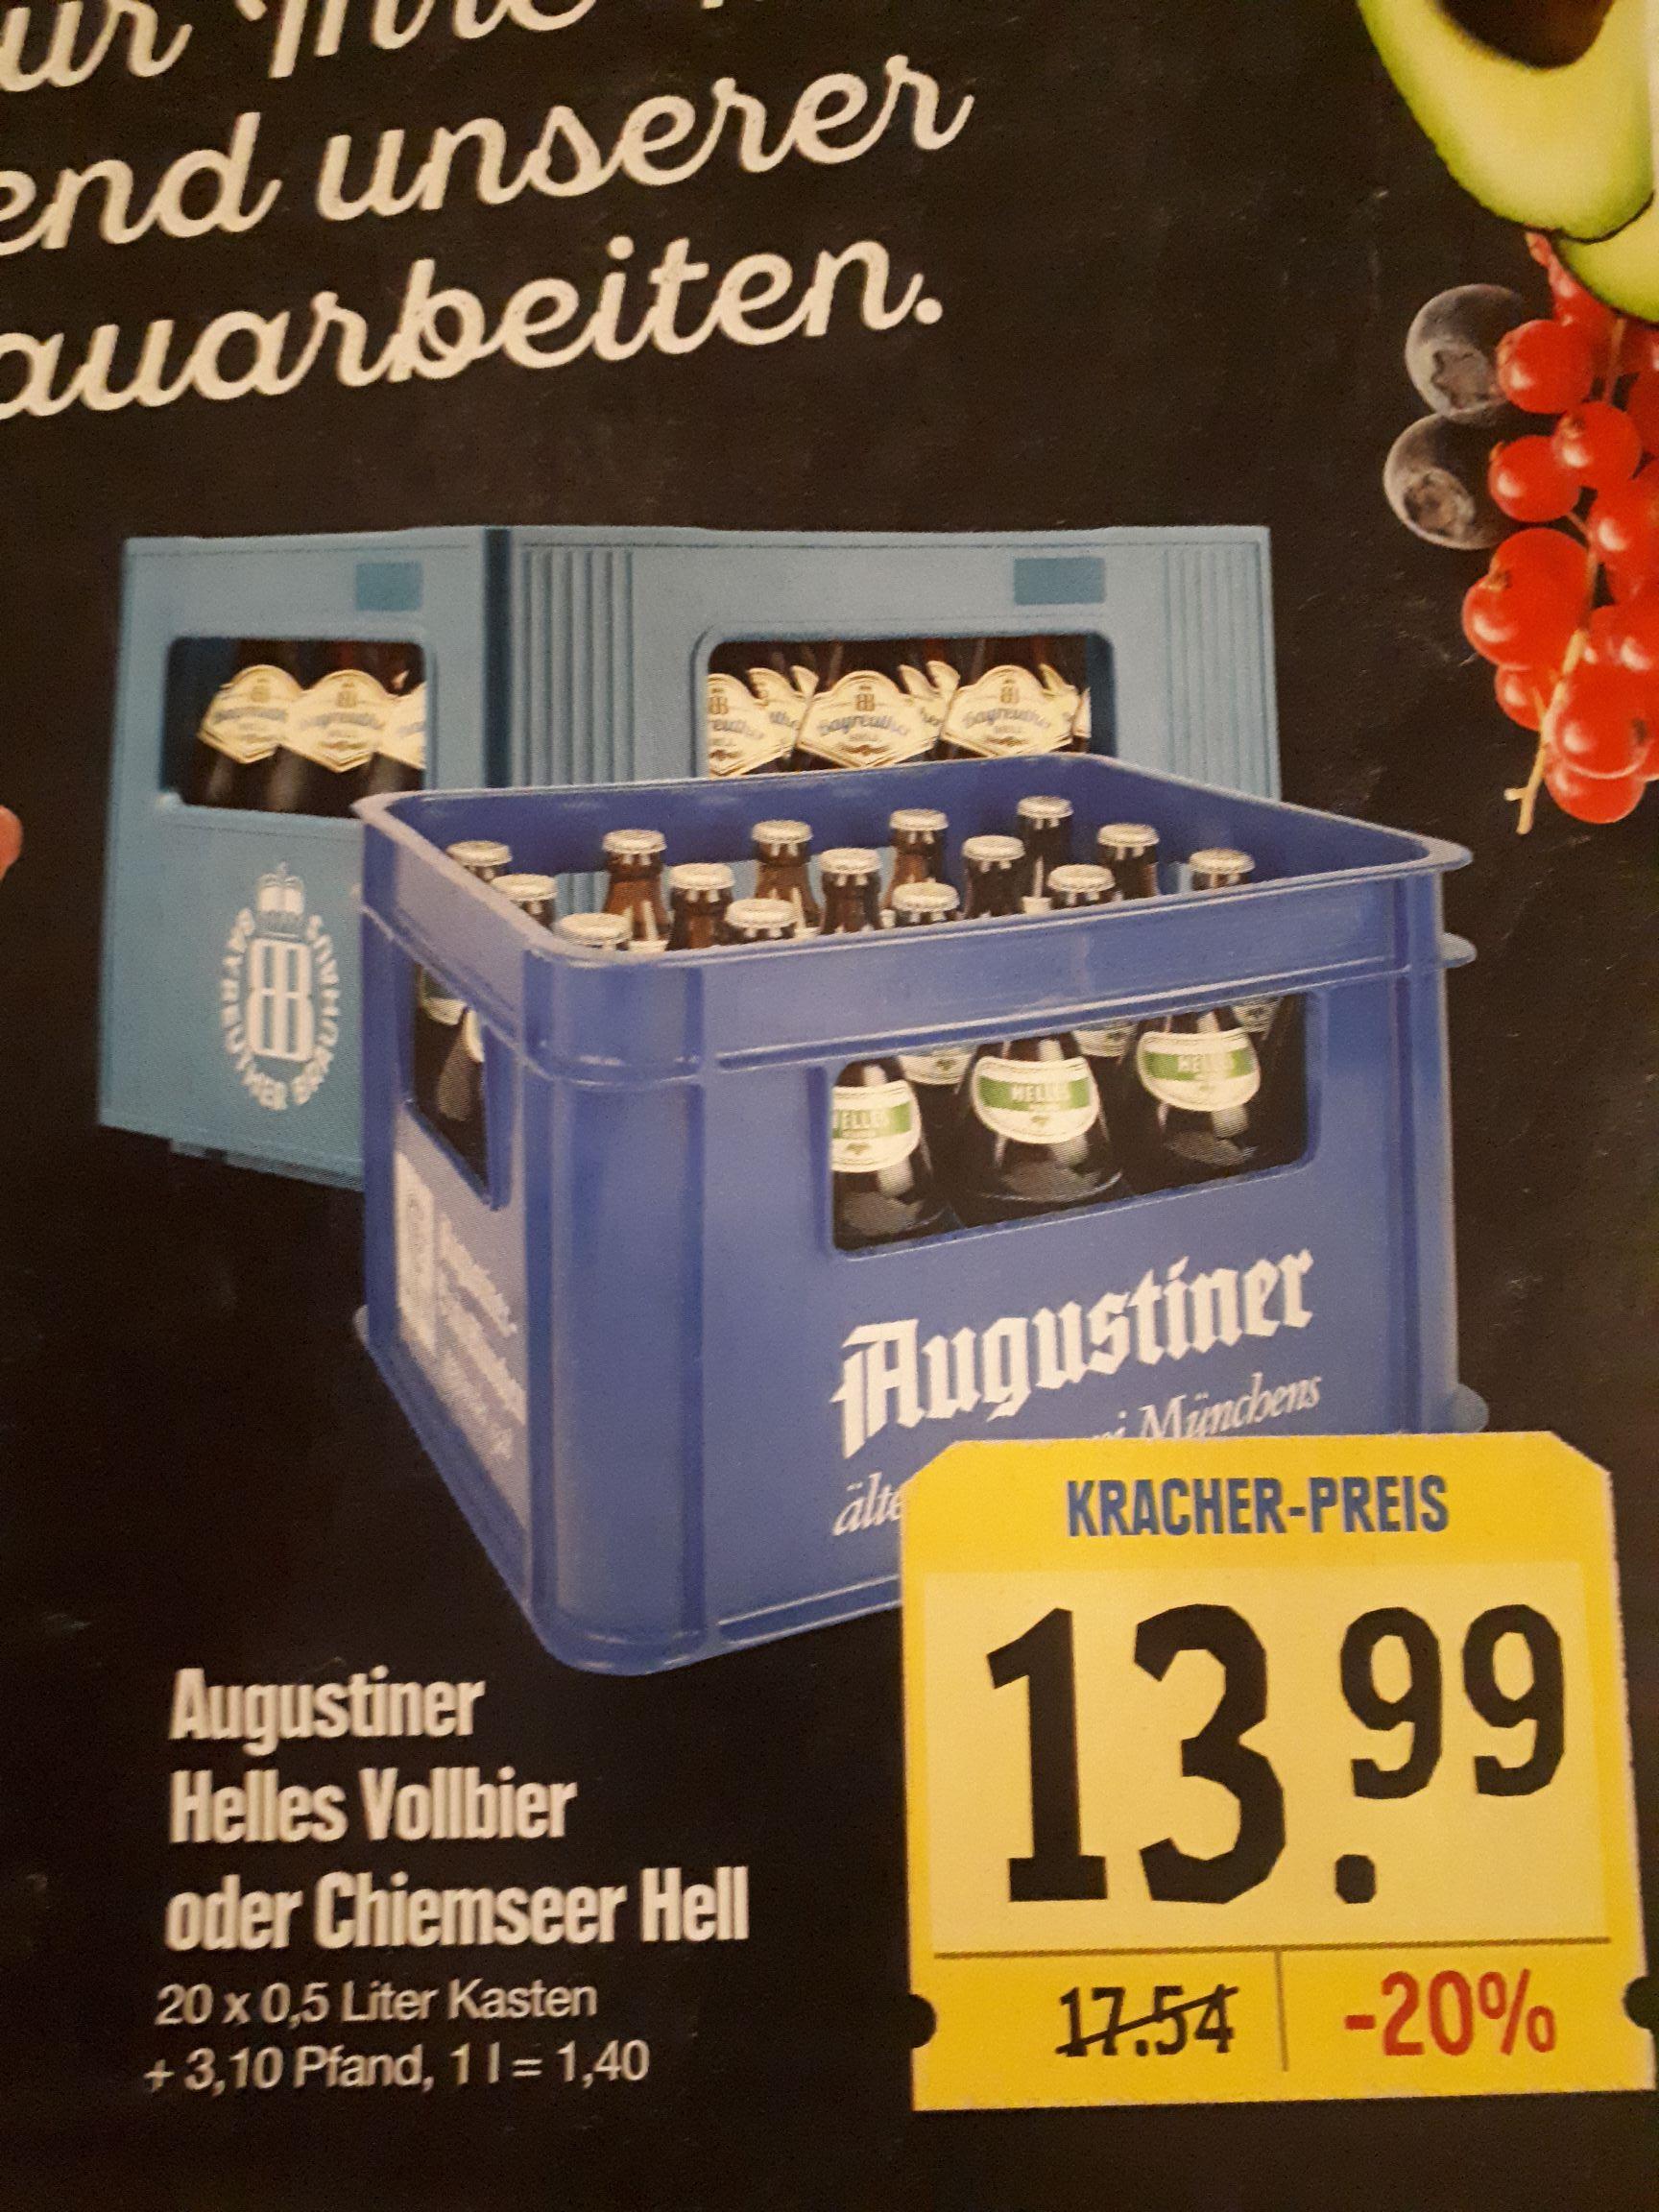 Lokal - Augustiner Helles Vollbier oder Chiemseer Hell für 13,99 € Edeka Würzburg